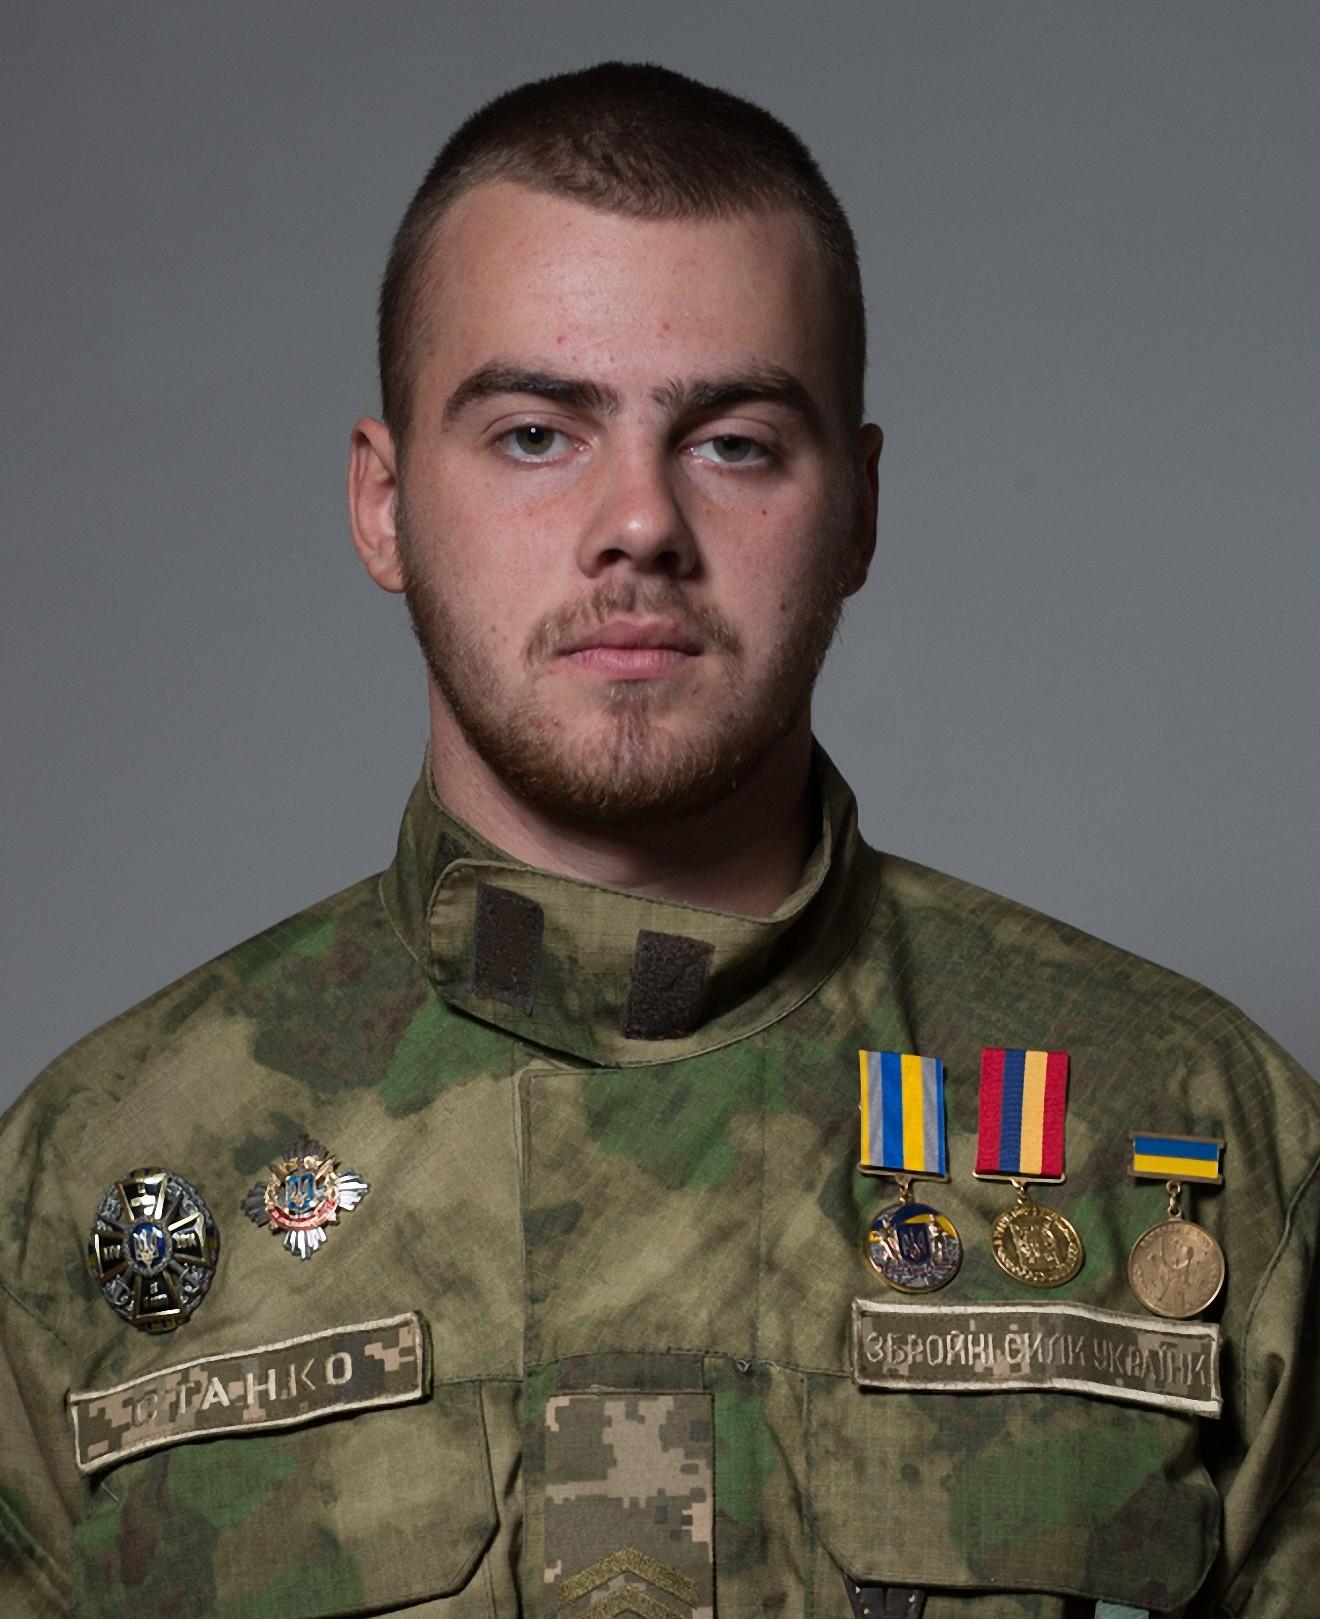 Костянтин Станко